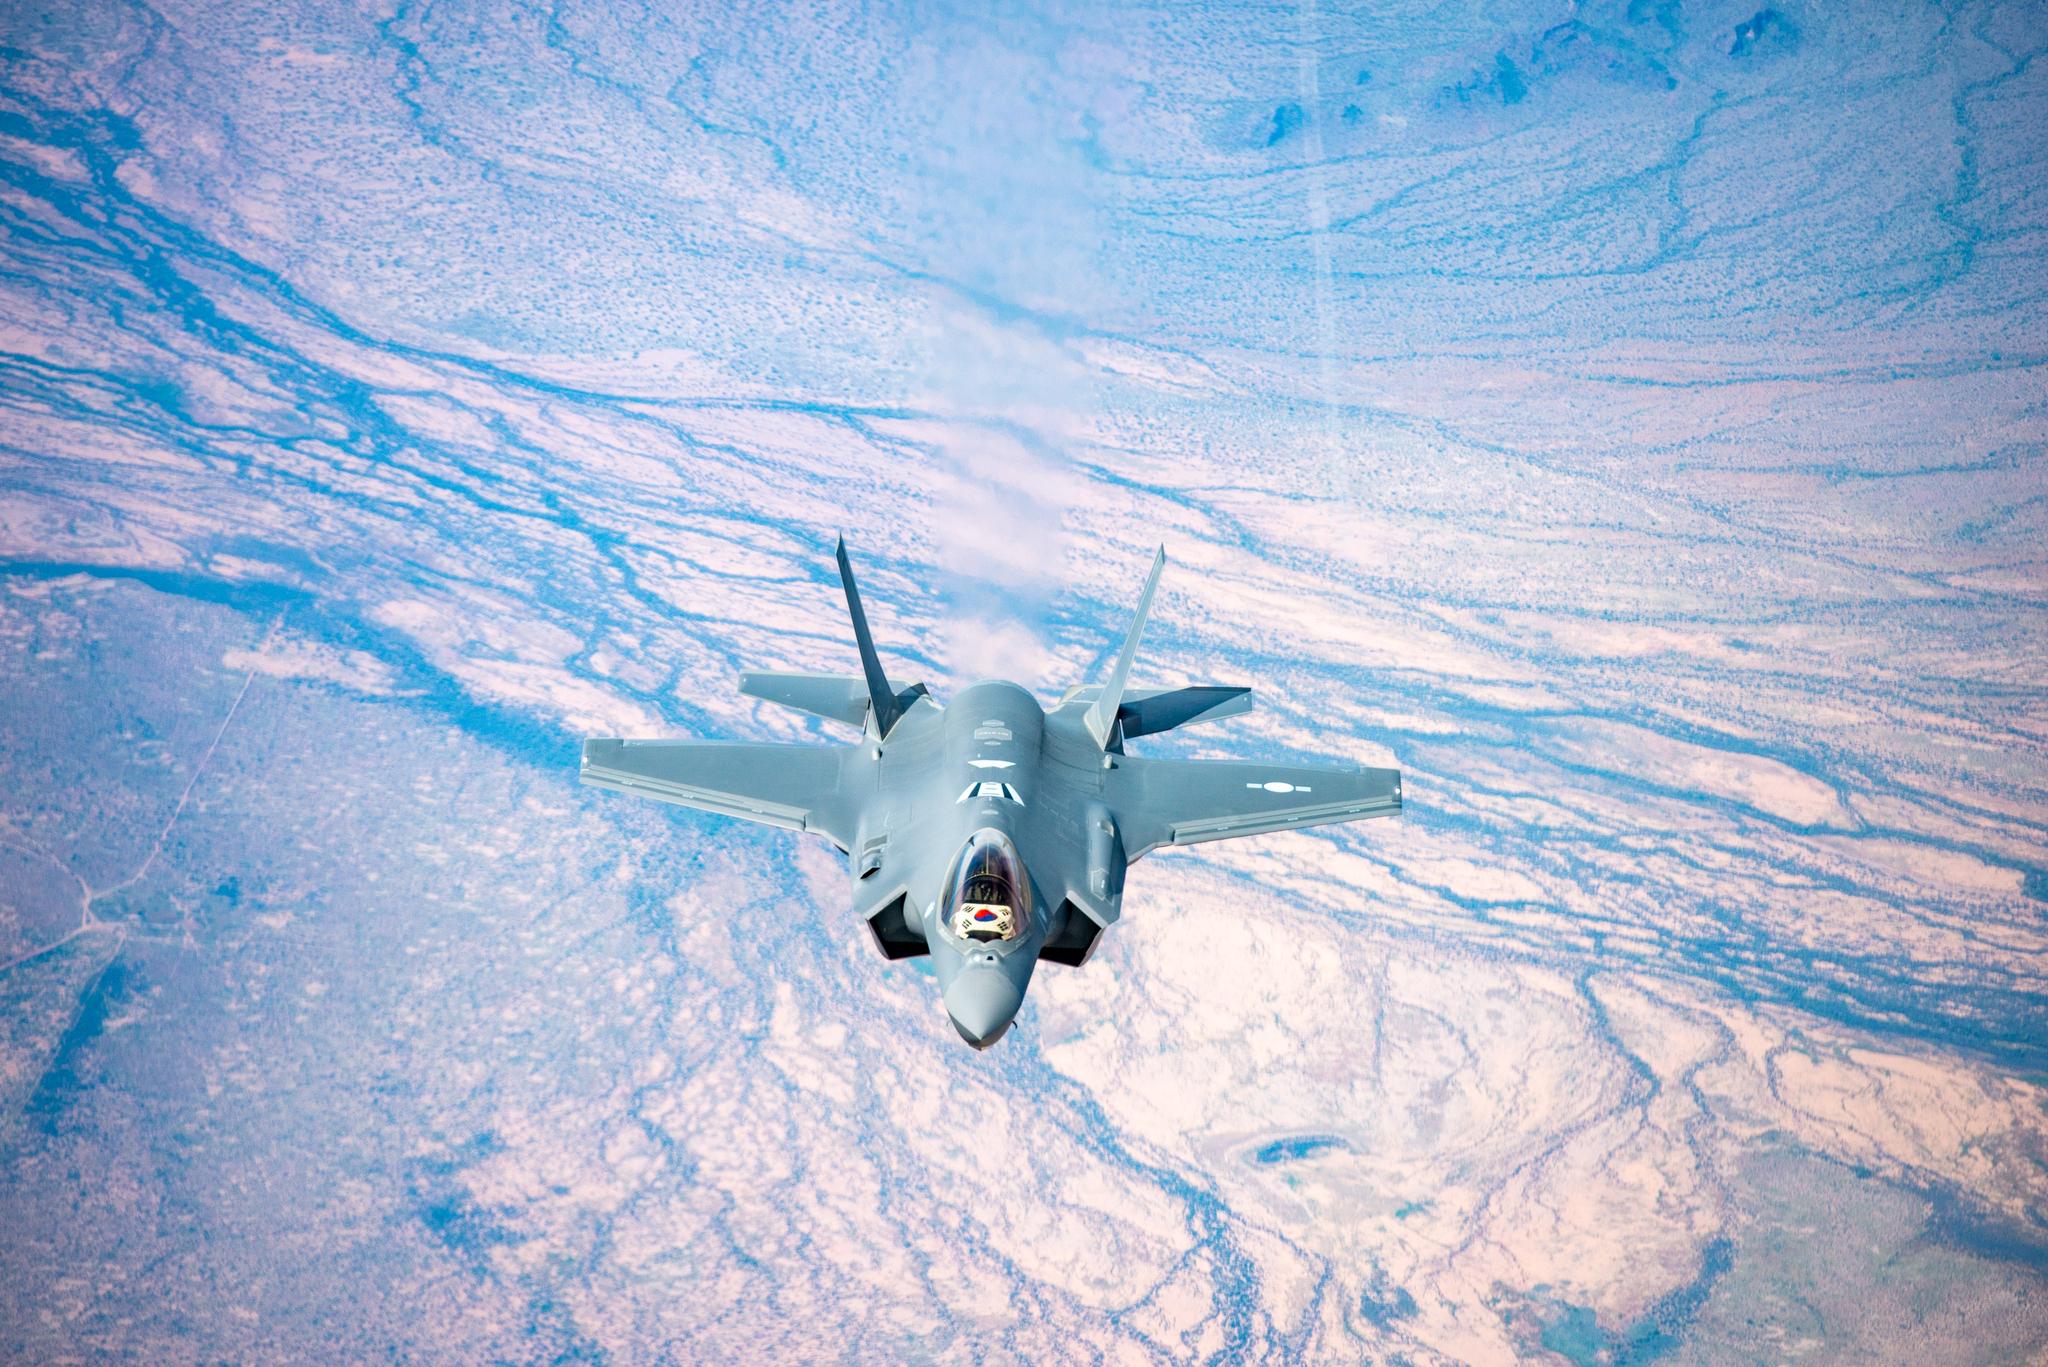 우리 공군의 첫 스텔스 전투기인 F-35A 2대가 29일 오후 청주 공군기지에 도착했다. 미국 애리조나주에 있는 루크 공군기지에서 출발, 한국으로 비행하고 있는 F-35A.[사진 방위사업청]